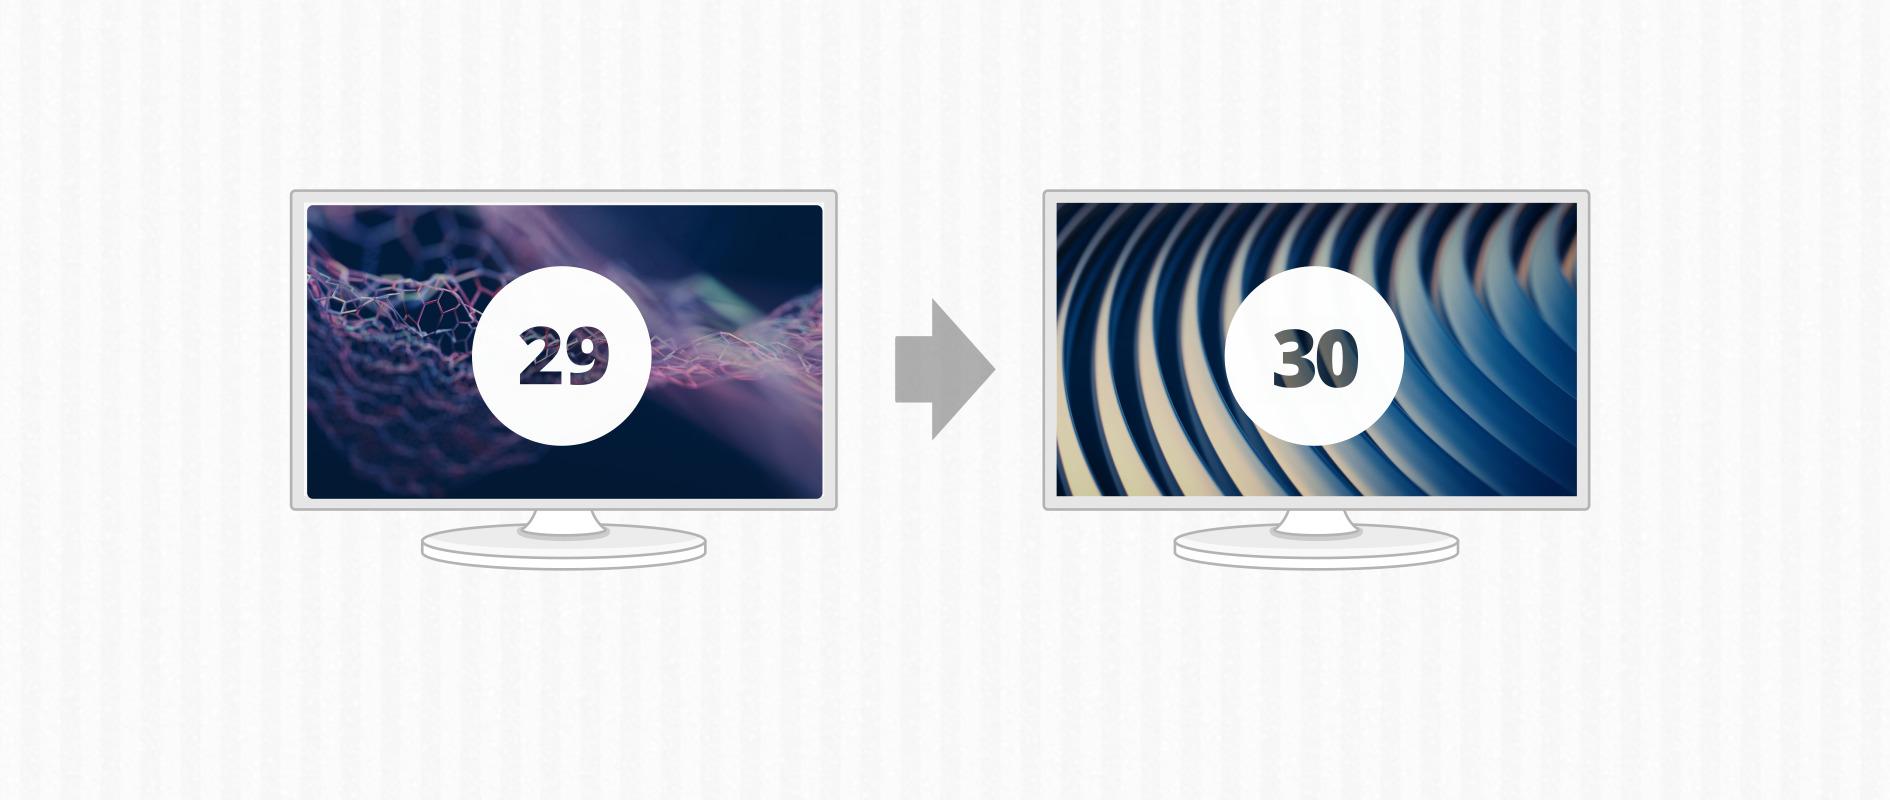 将Fedora 29升级到Fedora 30